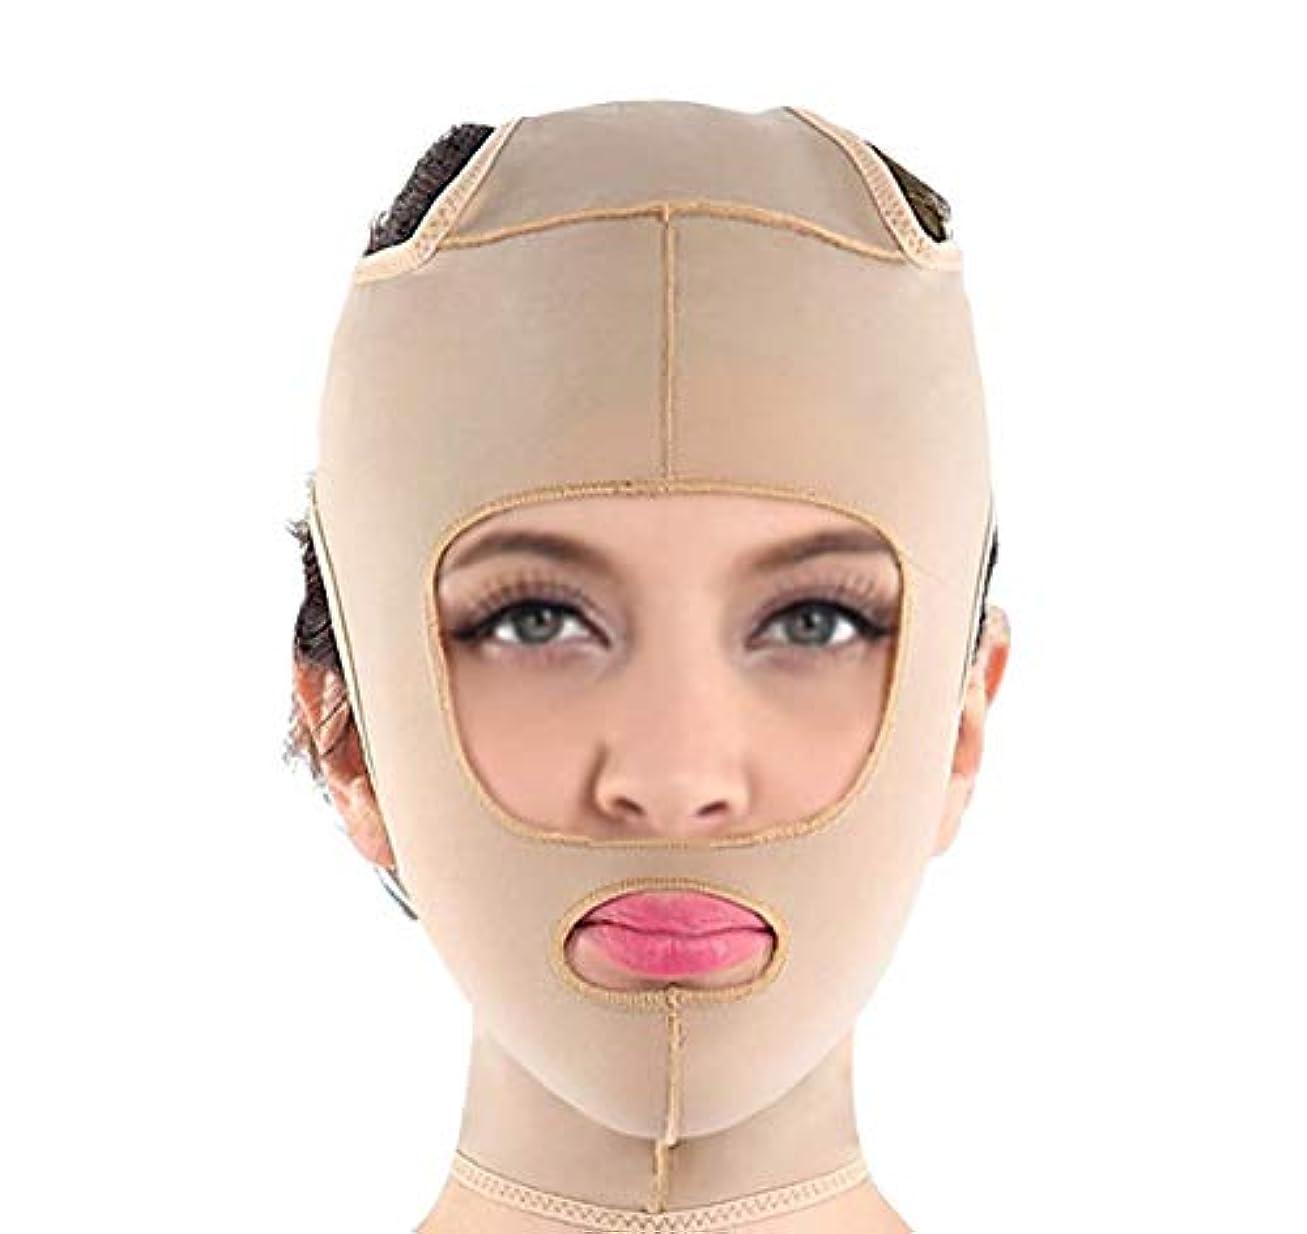 包帯vフェイス楽器フェイスマスクマジックフェイスフェイシャル引き締めフェイシャルマッサージフェイシャルリンクルリフティング引き締めプラスチックマスク(サイズ:Xl),S